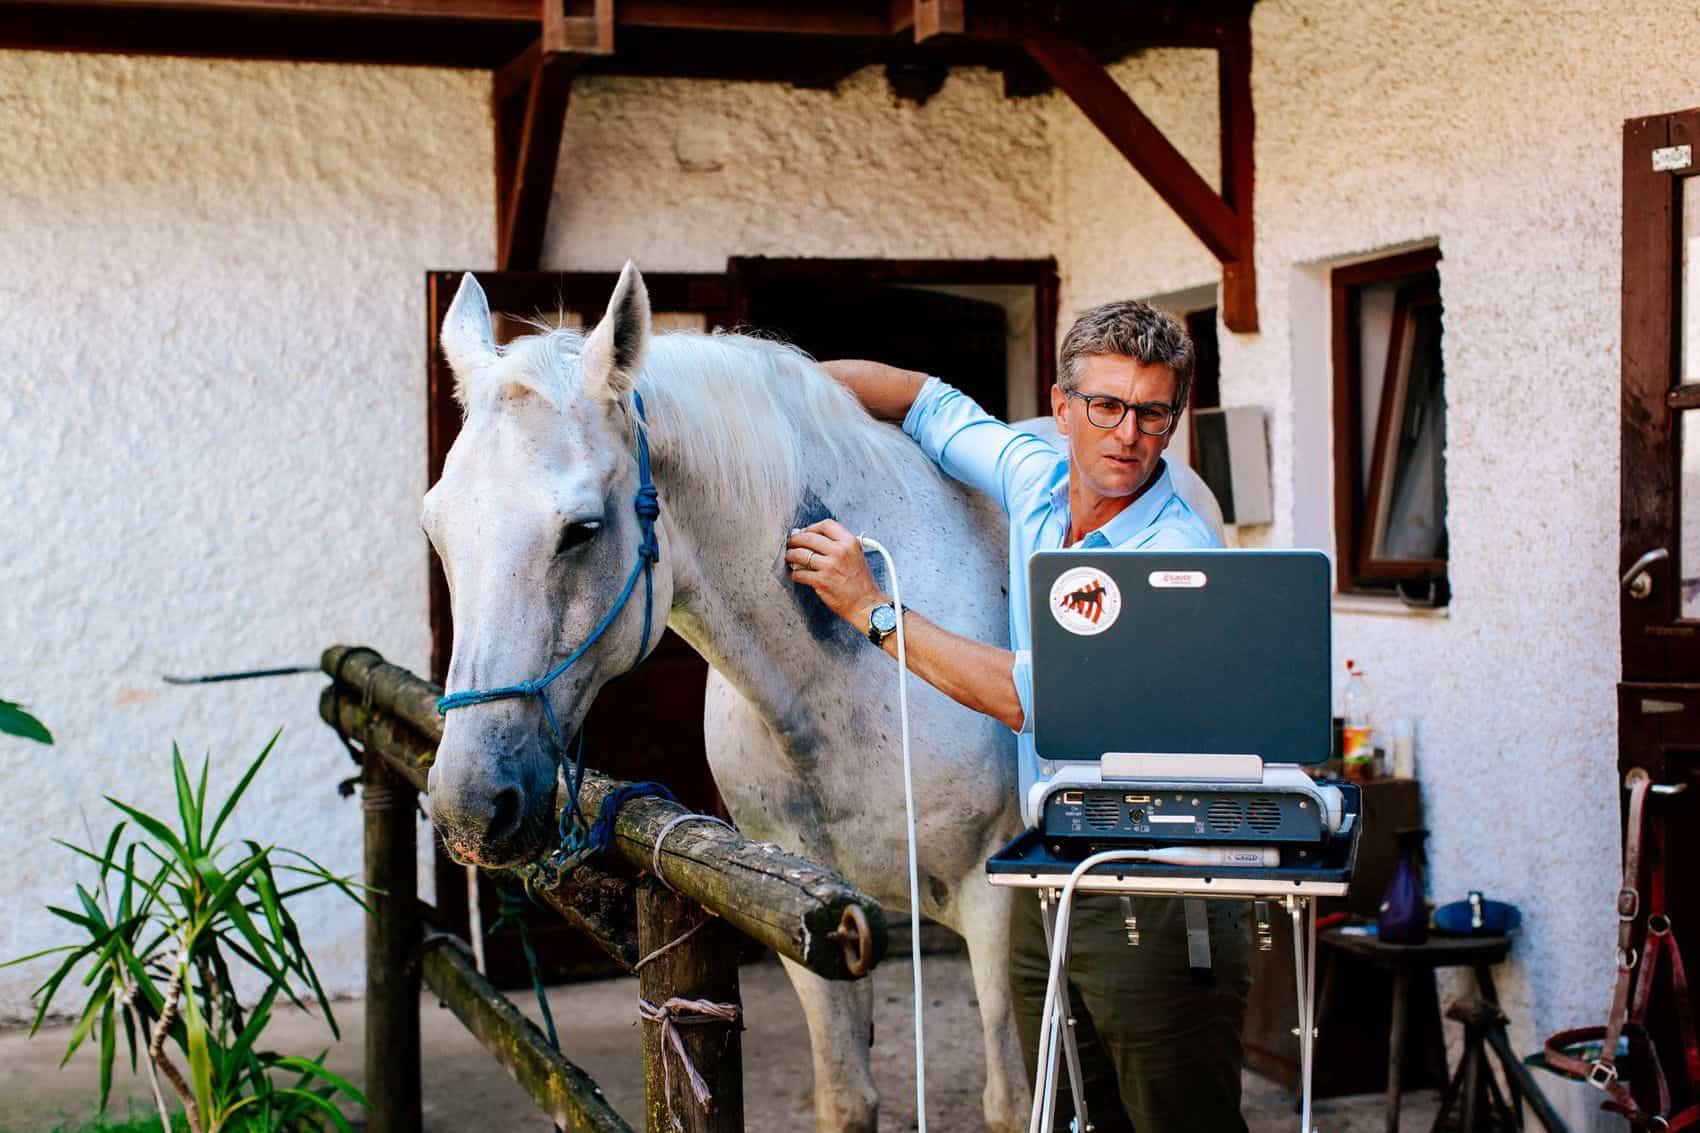 pferdesportpraxis-tierarzt-dr-matthias-keller-pferdespezialist-orthopaedische-und-manuelle-medizin-fuer-pferde-faszientherapie-chiropraktik-akupunktur-cft-prp-irap-chirofaszial-sono3